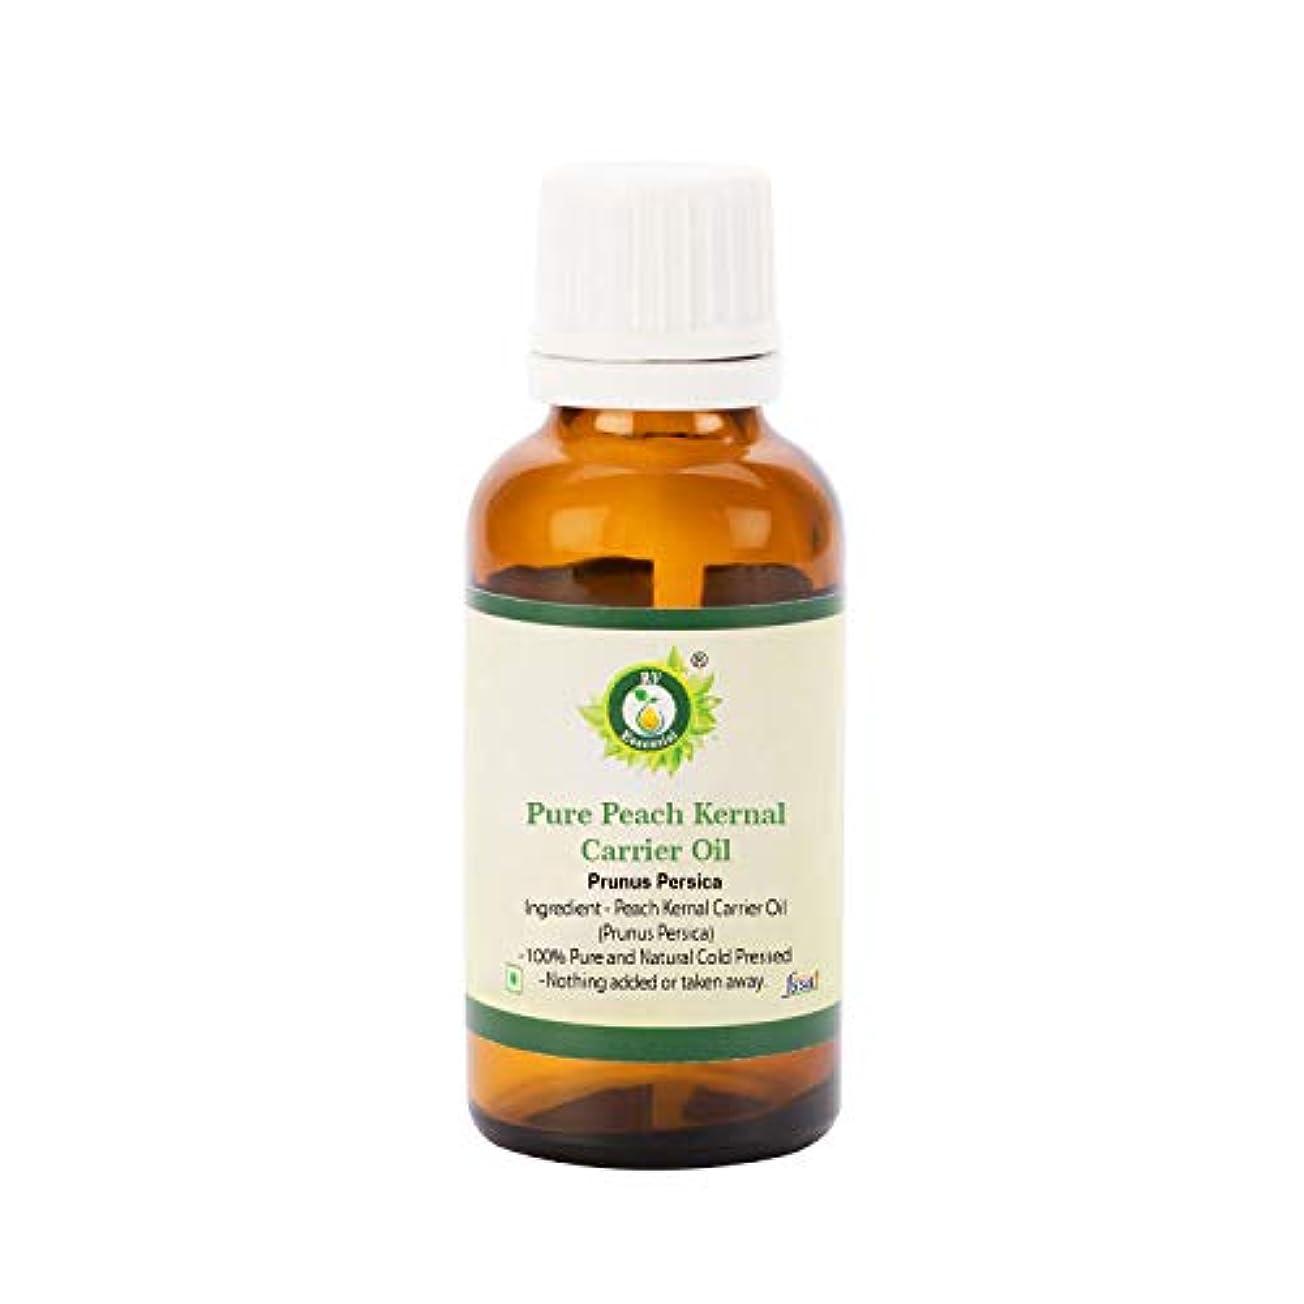 影響するマウスピース楽観R V Essential ピュアピーチ Kernalキャリアオイル10ml (0.338oz)- Prunus Persica (100%ピュア&ナチュラルコールドPressed) Pure Peach Kernal...